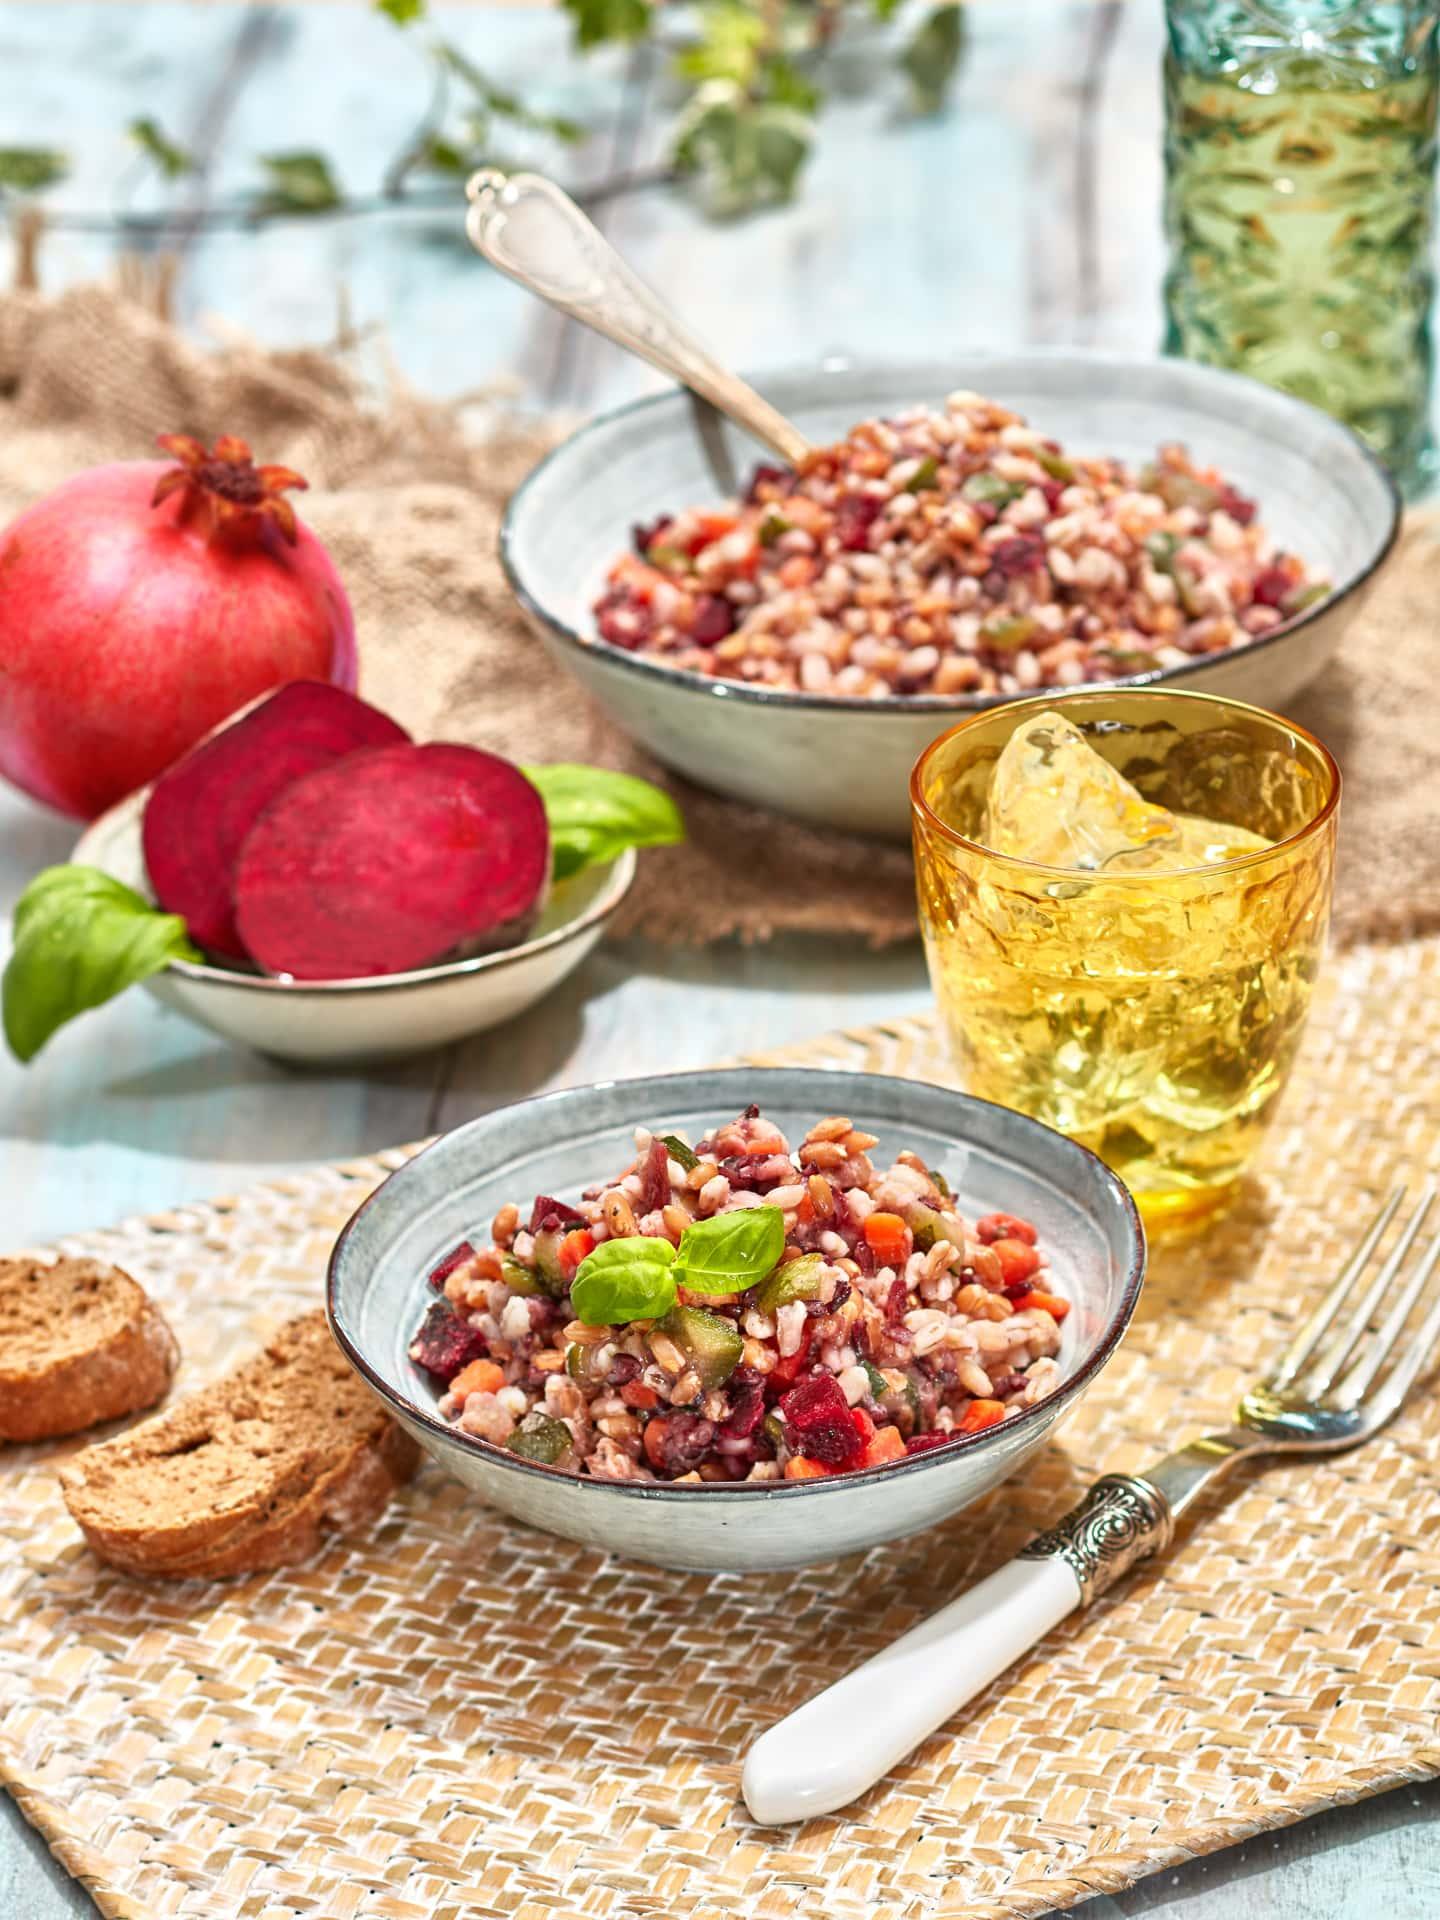 fotografo food commerciale insalata cereali integrale bofrost con melagrana zenzero e rapa rossa milano modena verona